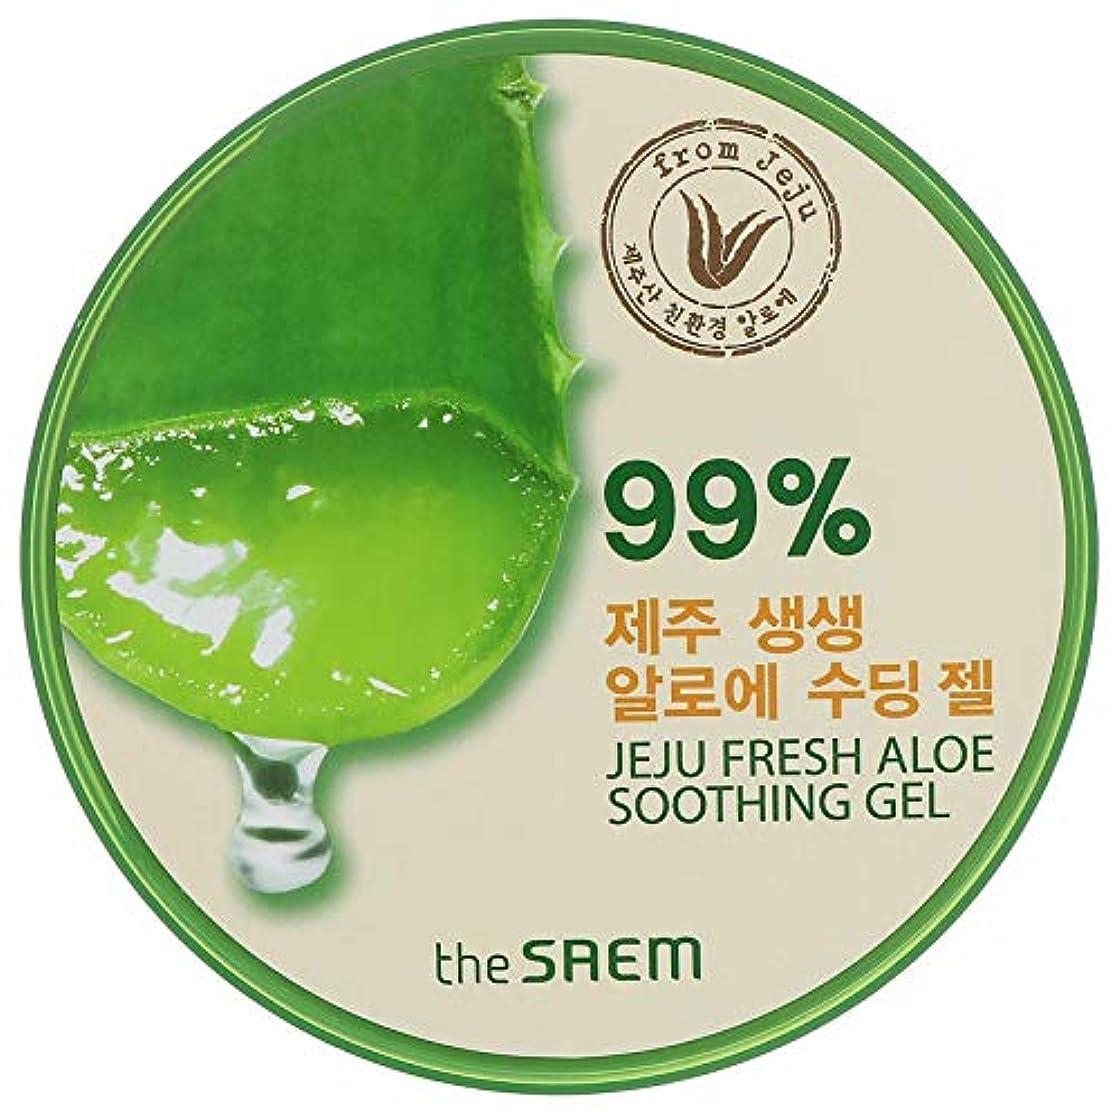 一貫性のないもろい忌避剤即日発送 【国内発送】ザセム アロエスーディングジェル99% 頭からつま先までしっとり The SAEM Jeju Fresh ALOE Soothing Gel 99%